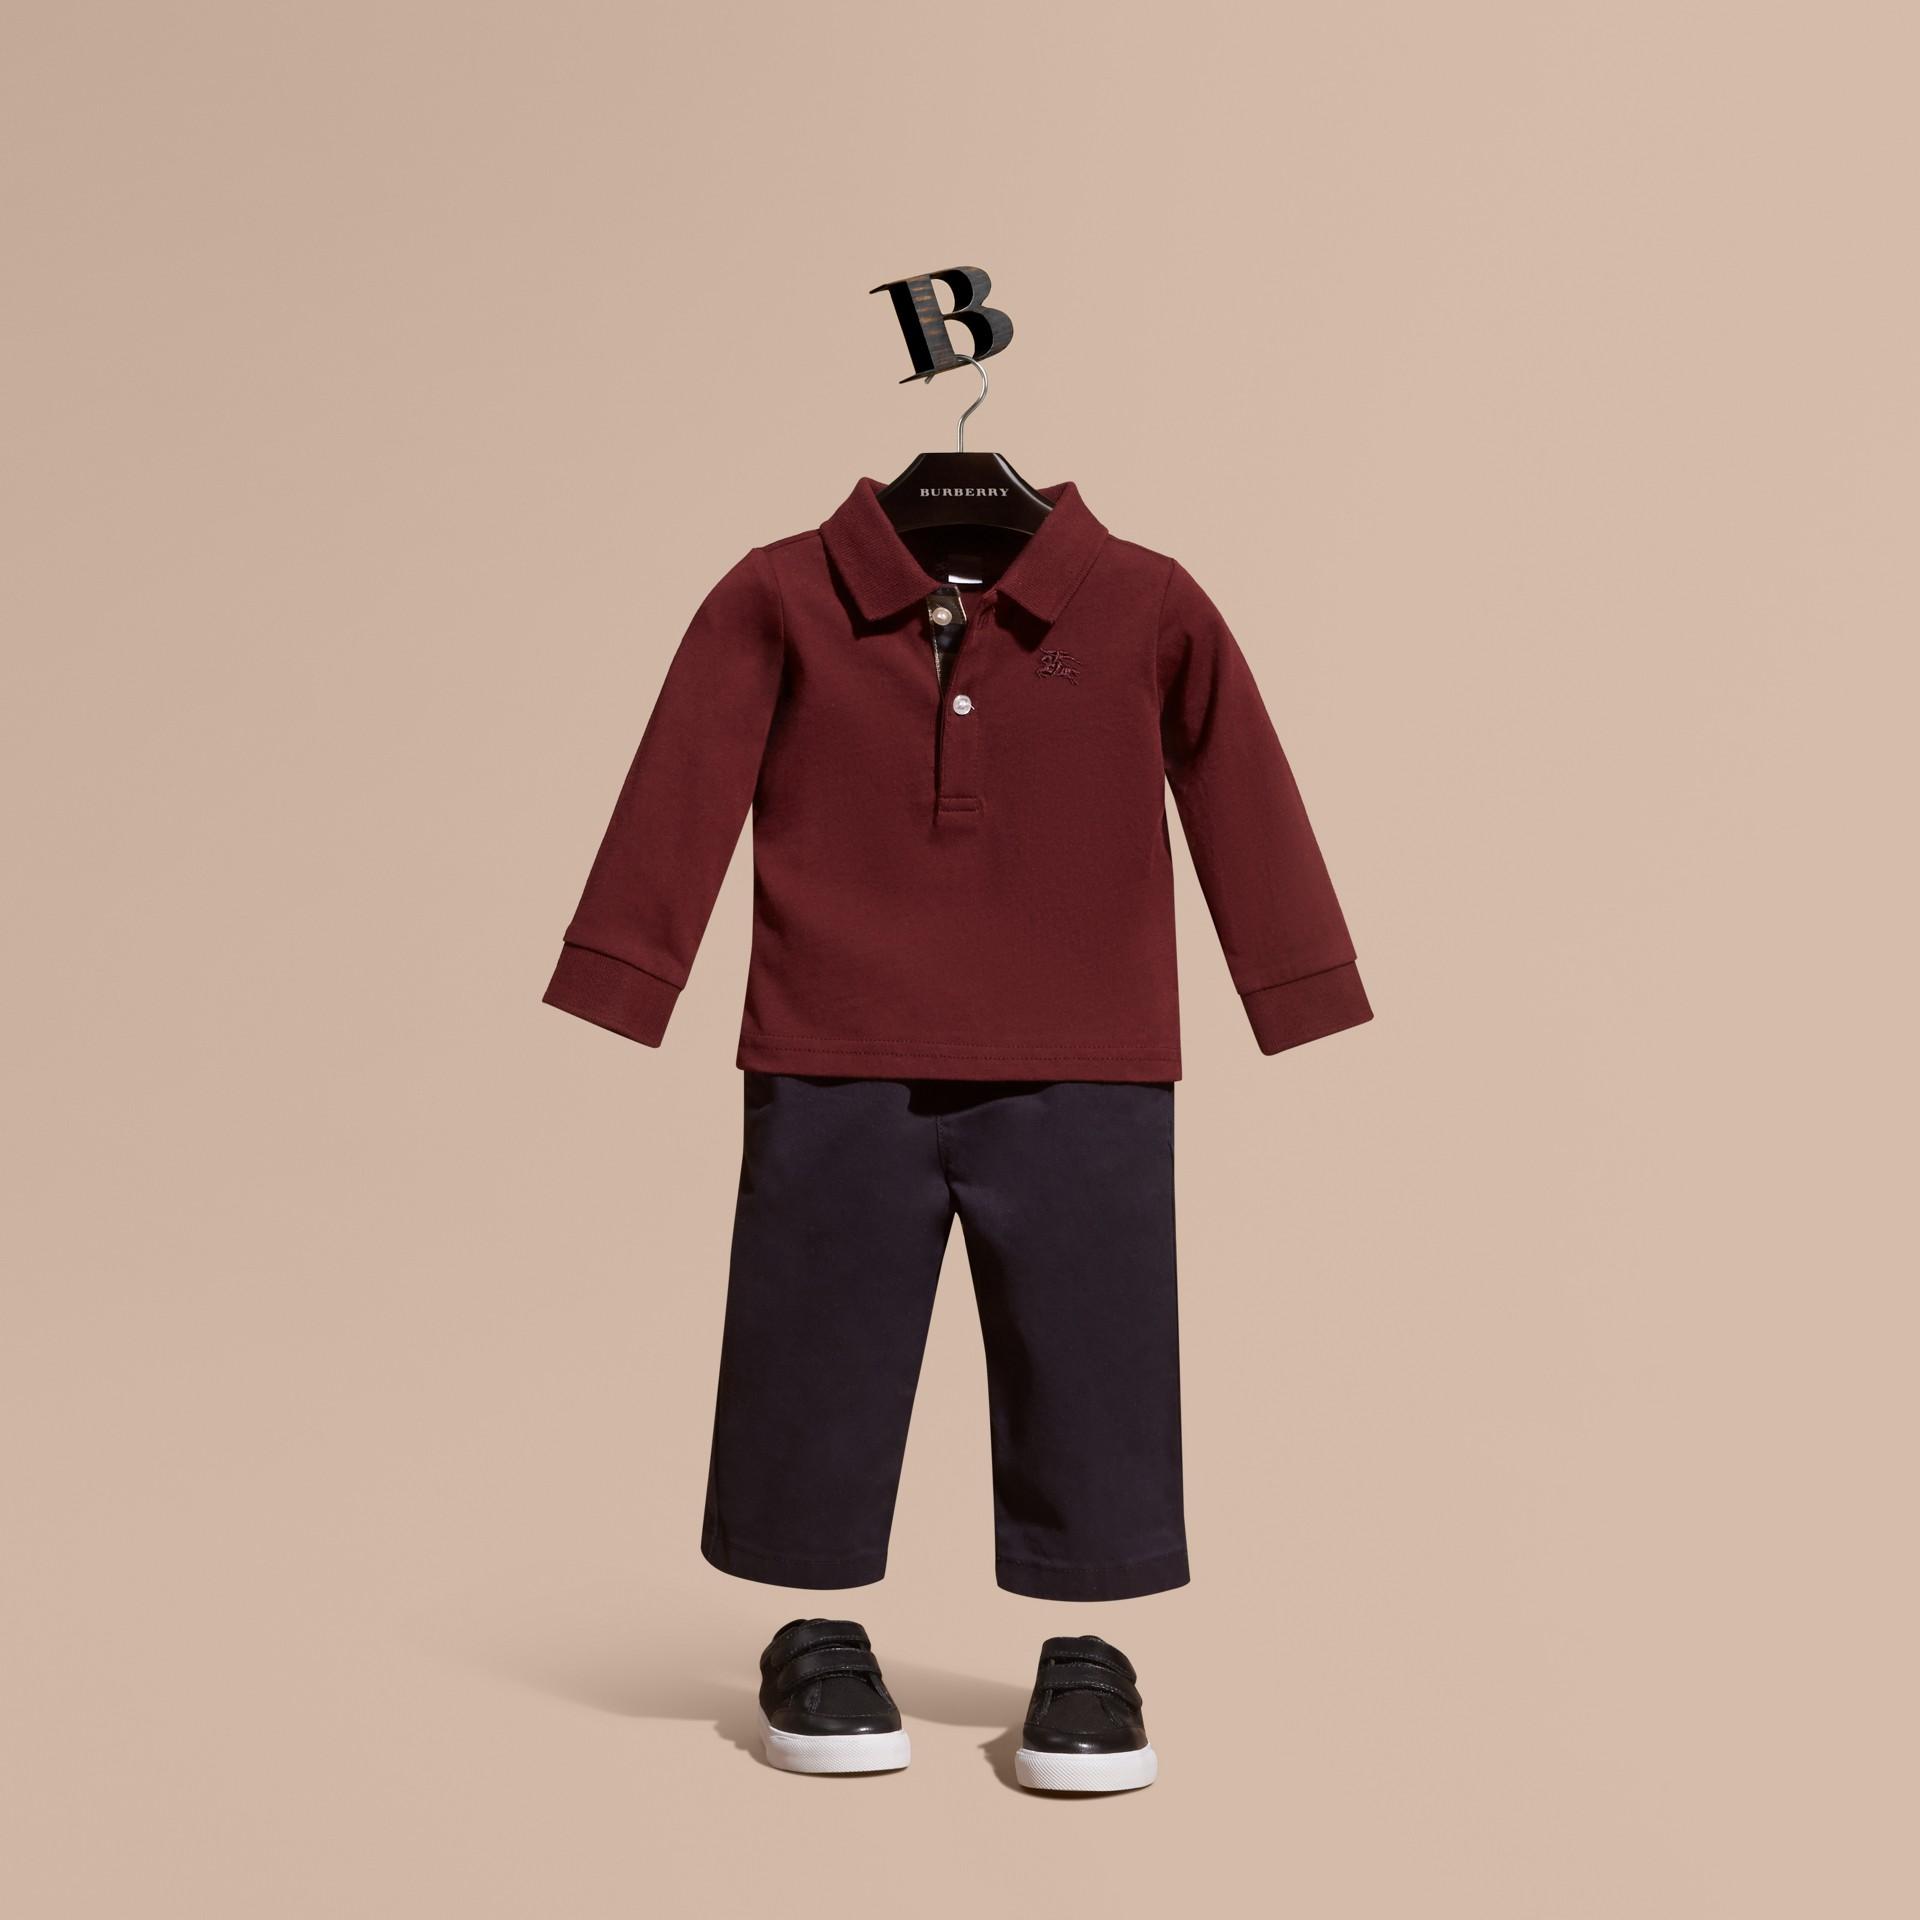 Rouge bourgogne Polo à manches longues en coton avec éléments check Rouge Bourgogne - photo de la galerie 1